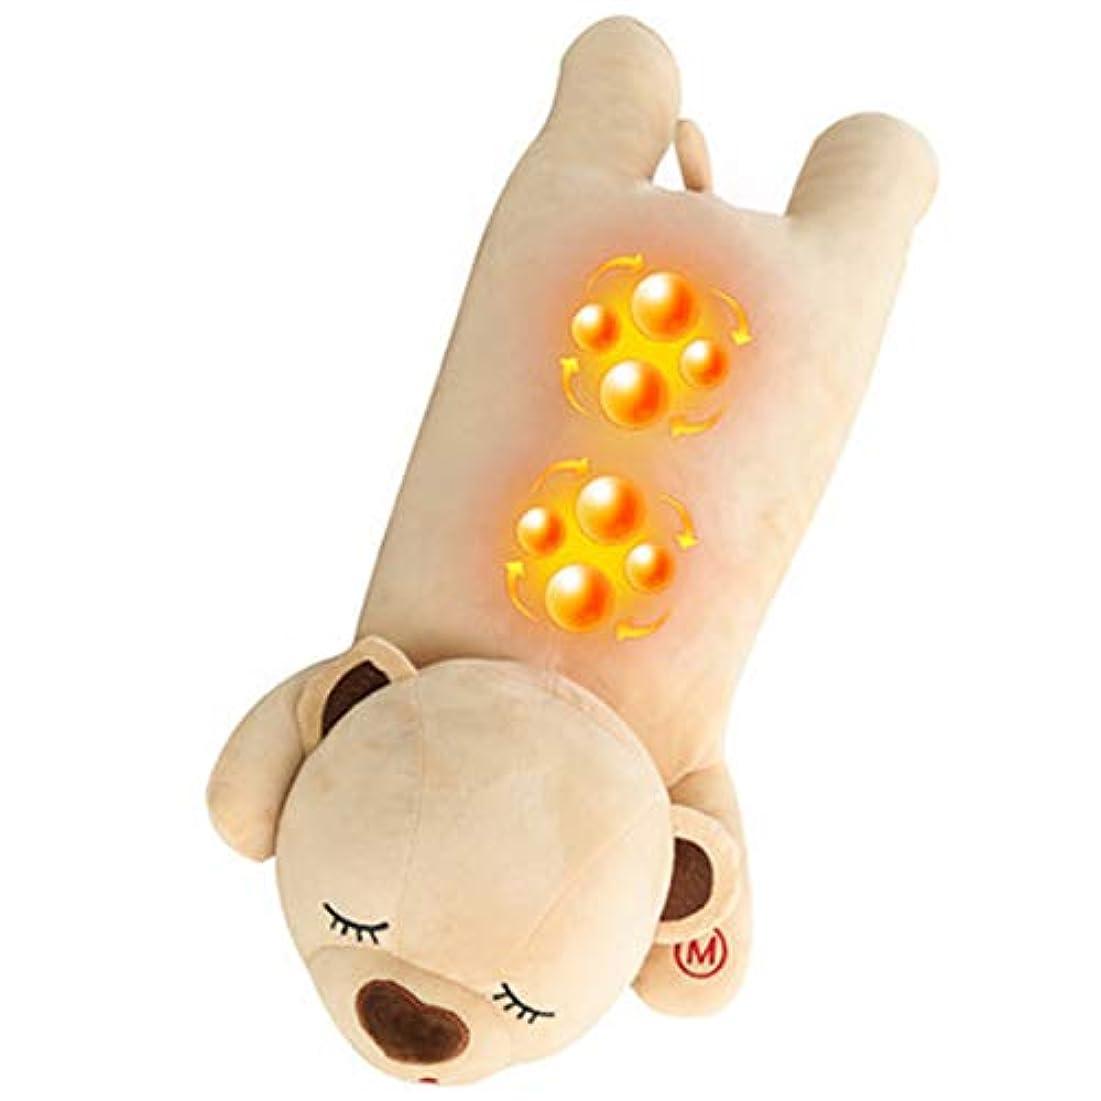 信号隠限界熱のある指圧ネックマッサージ枕-背中、首、肩、脚、足のディープティッシュTみマッサージ-男性/女性/ママ/パパへの完璧なギフト、マッサージギフト